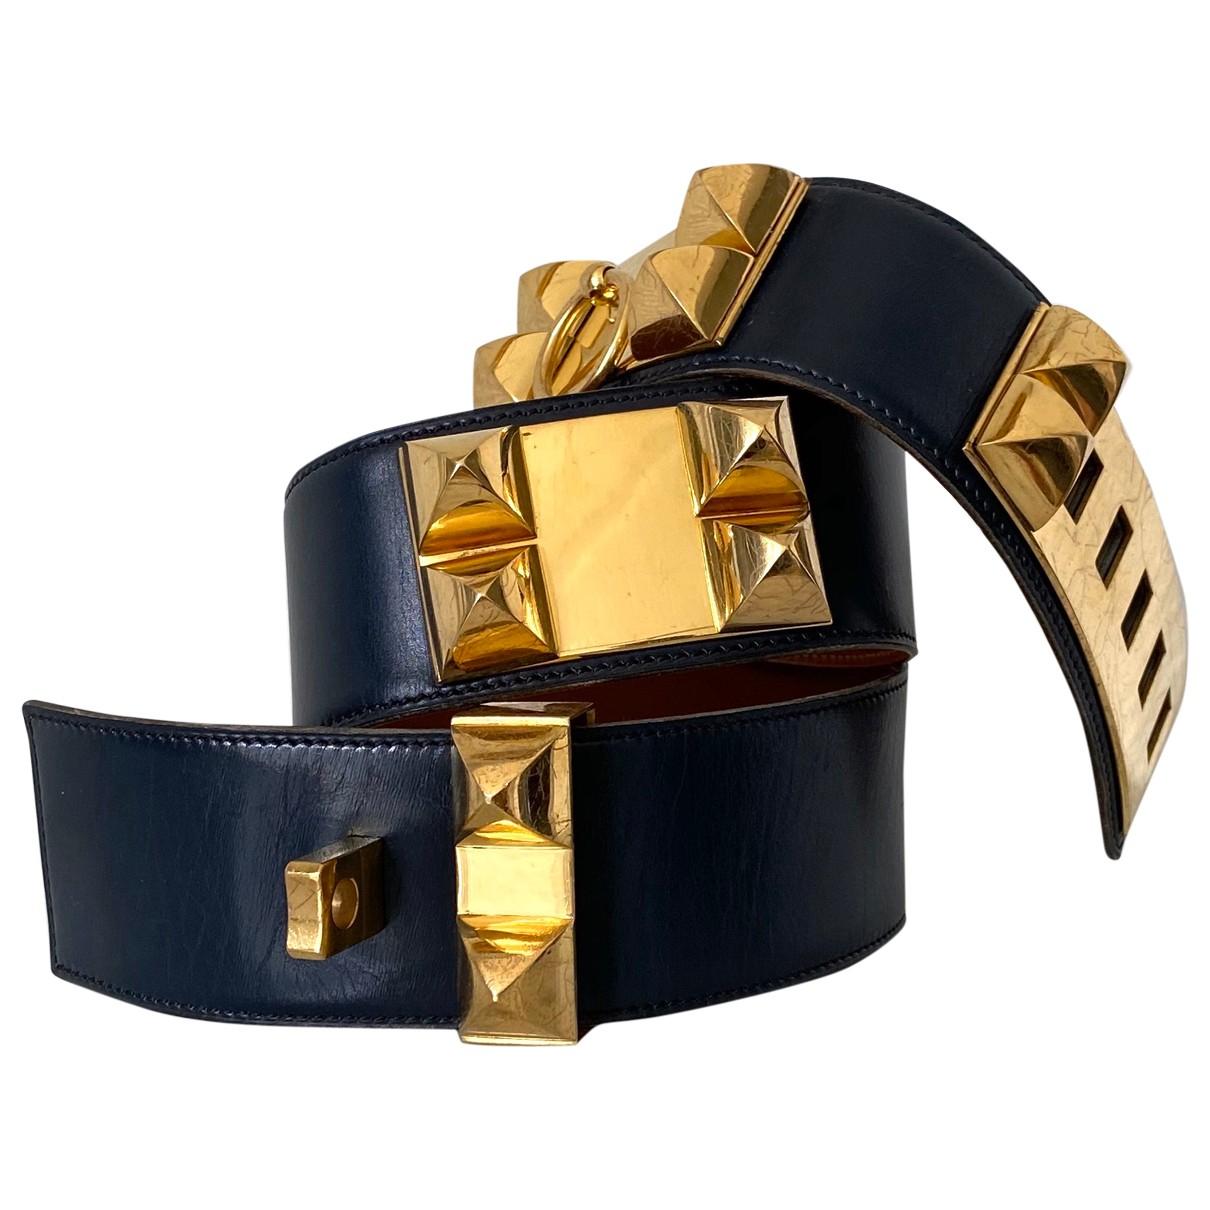 Hermès Collier de chien Navy Leather belt for Women 70 cm